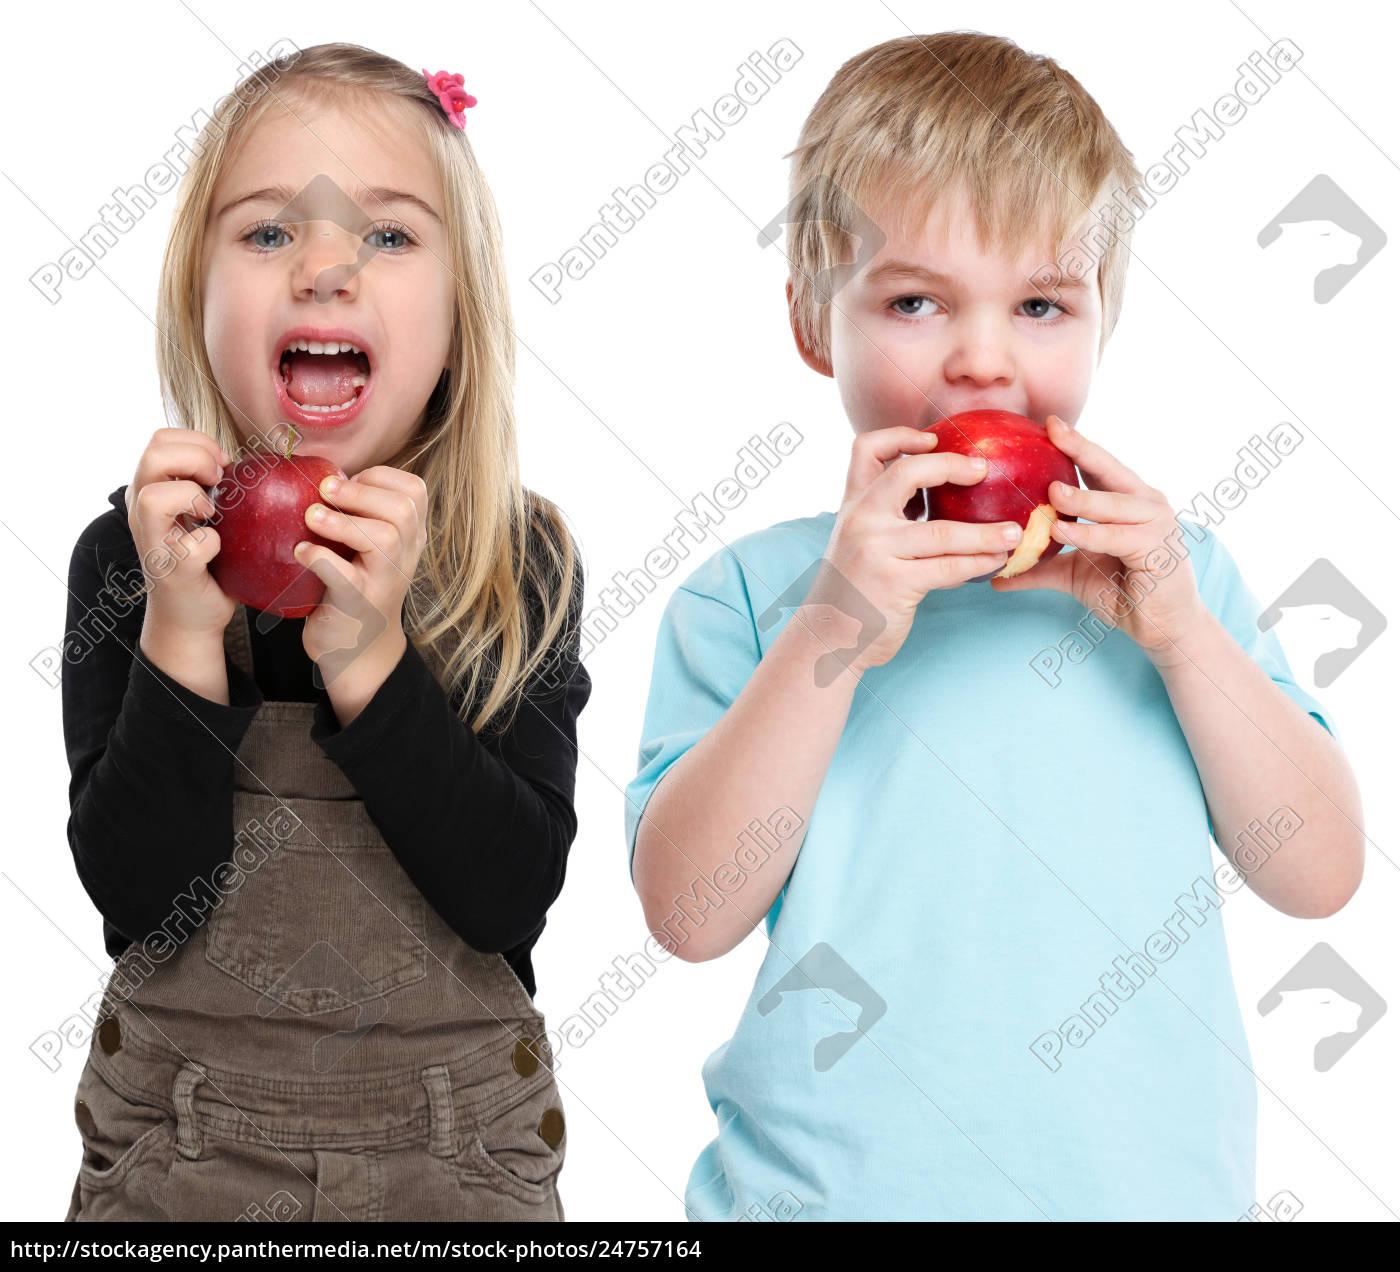 kinder, apfel, obst, früchte, essen, herbst - 24757164